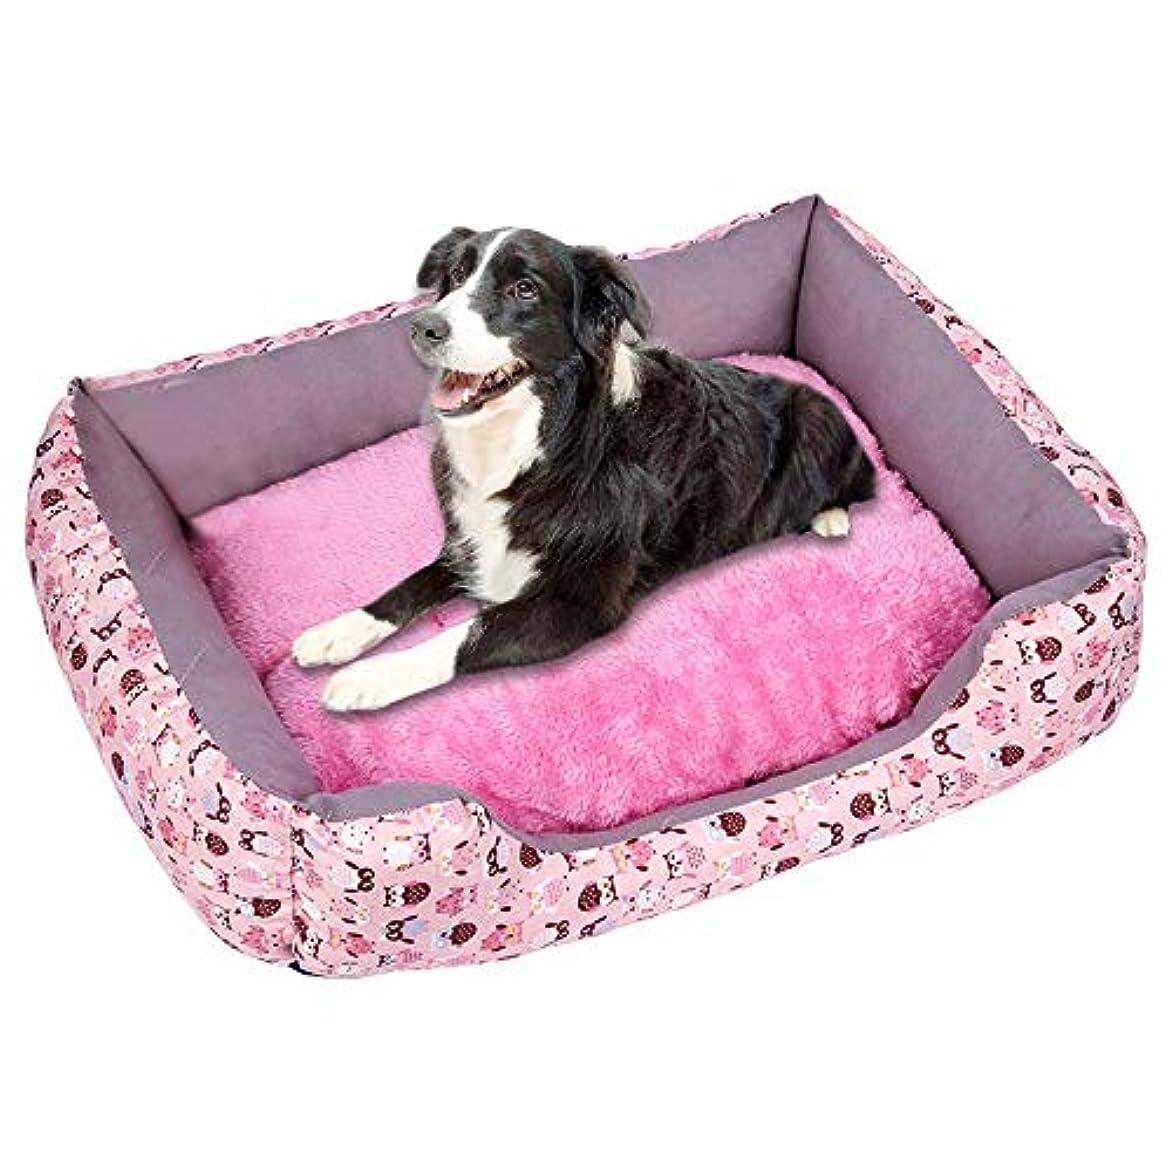 摩擦ダイジェストページプラスベルベット肥厚ペットの巣 柔らかいペット犬猫ベッド子犬クッションハウスペットソフト暖かい犬小屋犬マットブランケット 犬小屋 ペットハウス ペットネスト 犬舎 柔らかくて温かく 快適で通気性があります (B, S)